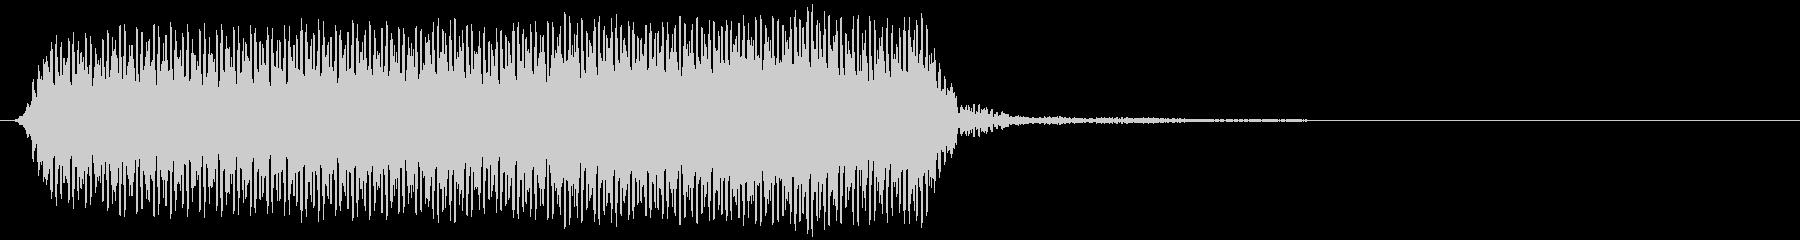 汽笛 ホーッ(高め)の未再生の波形